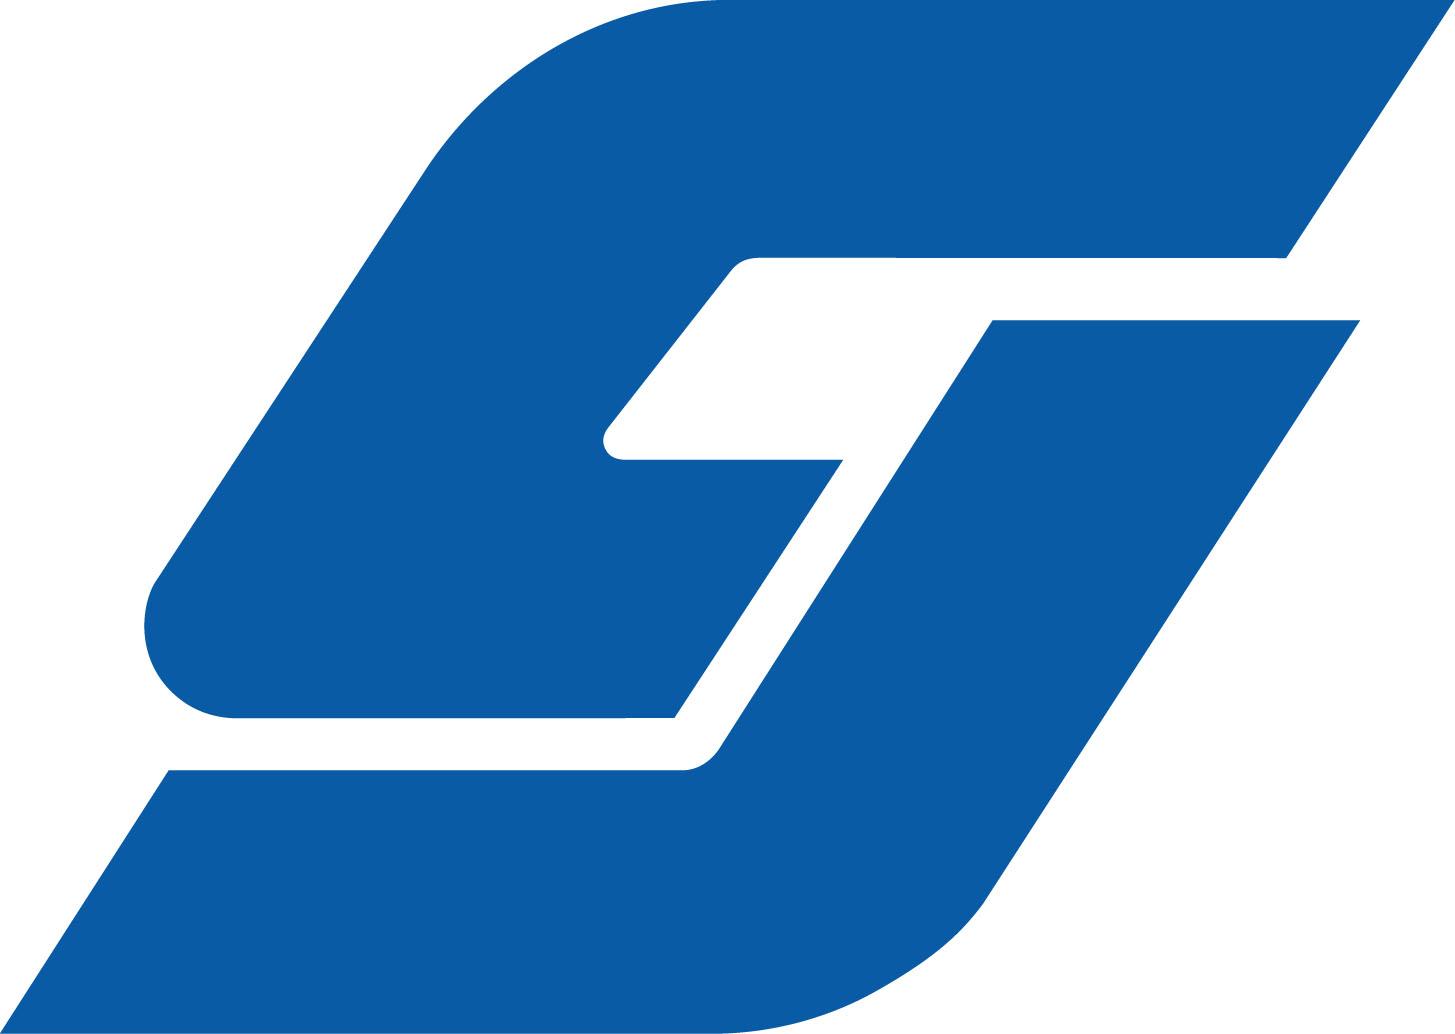 CJ Logo Wallpaper